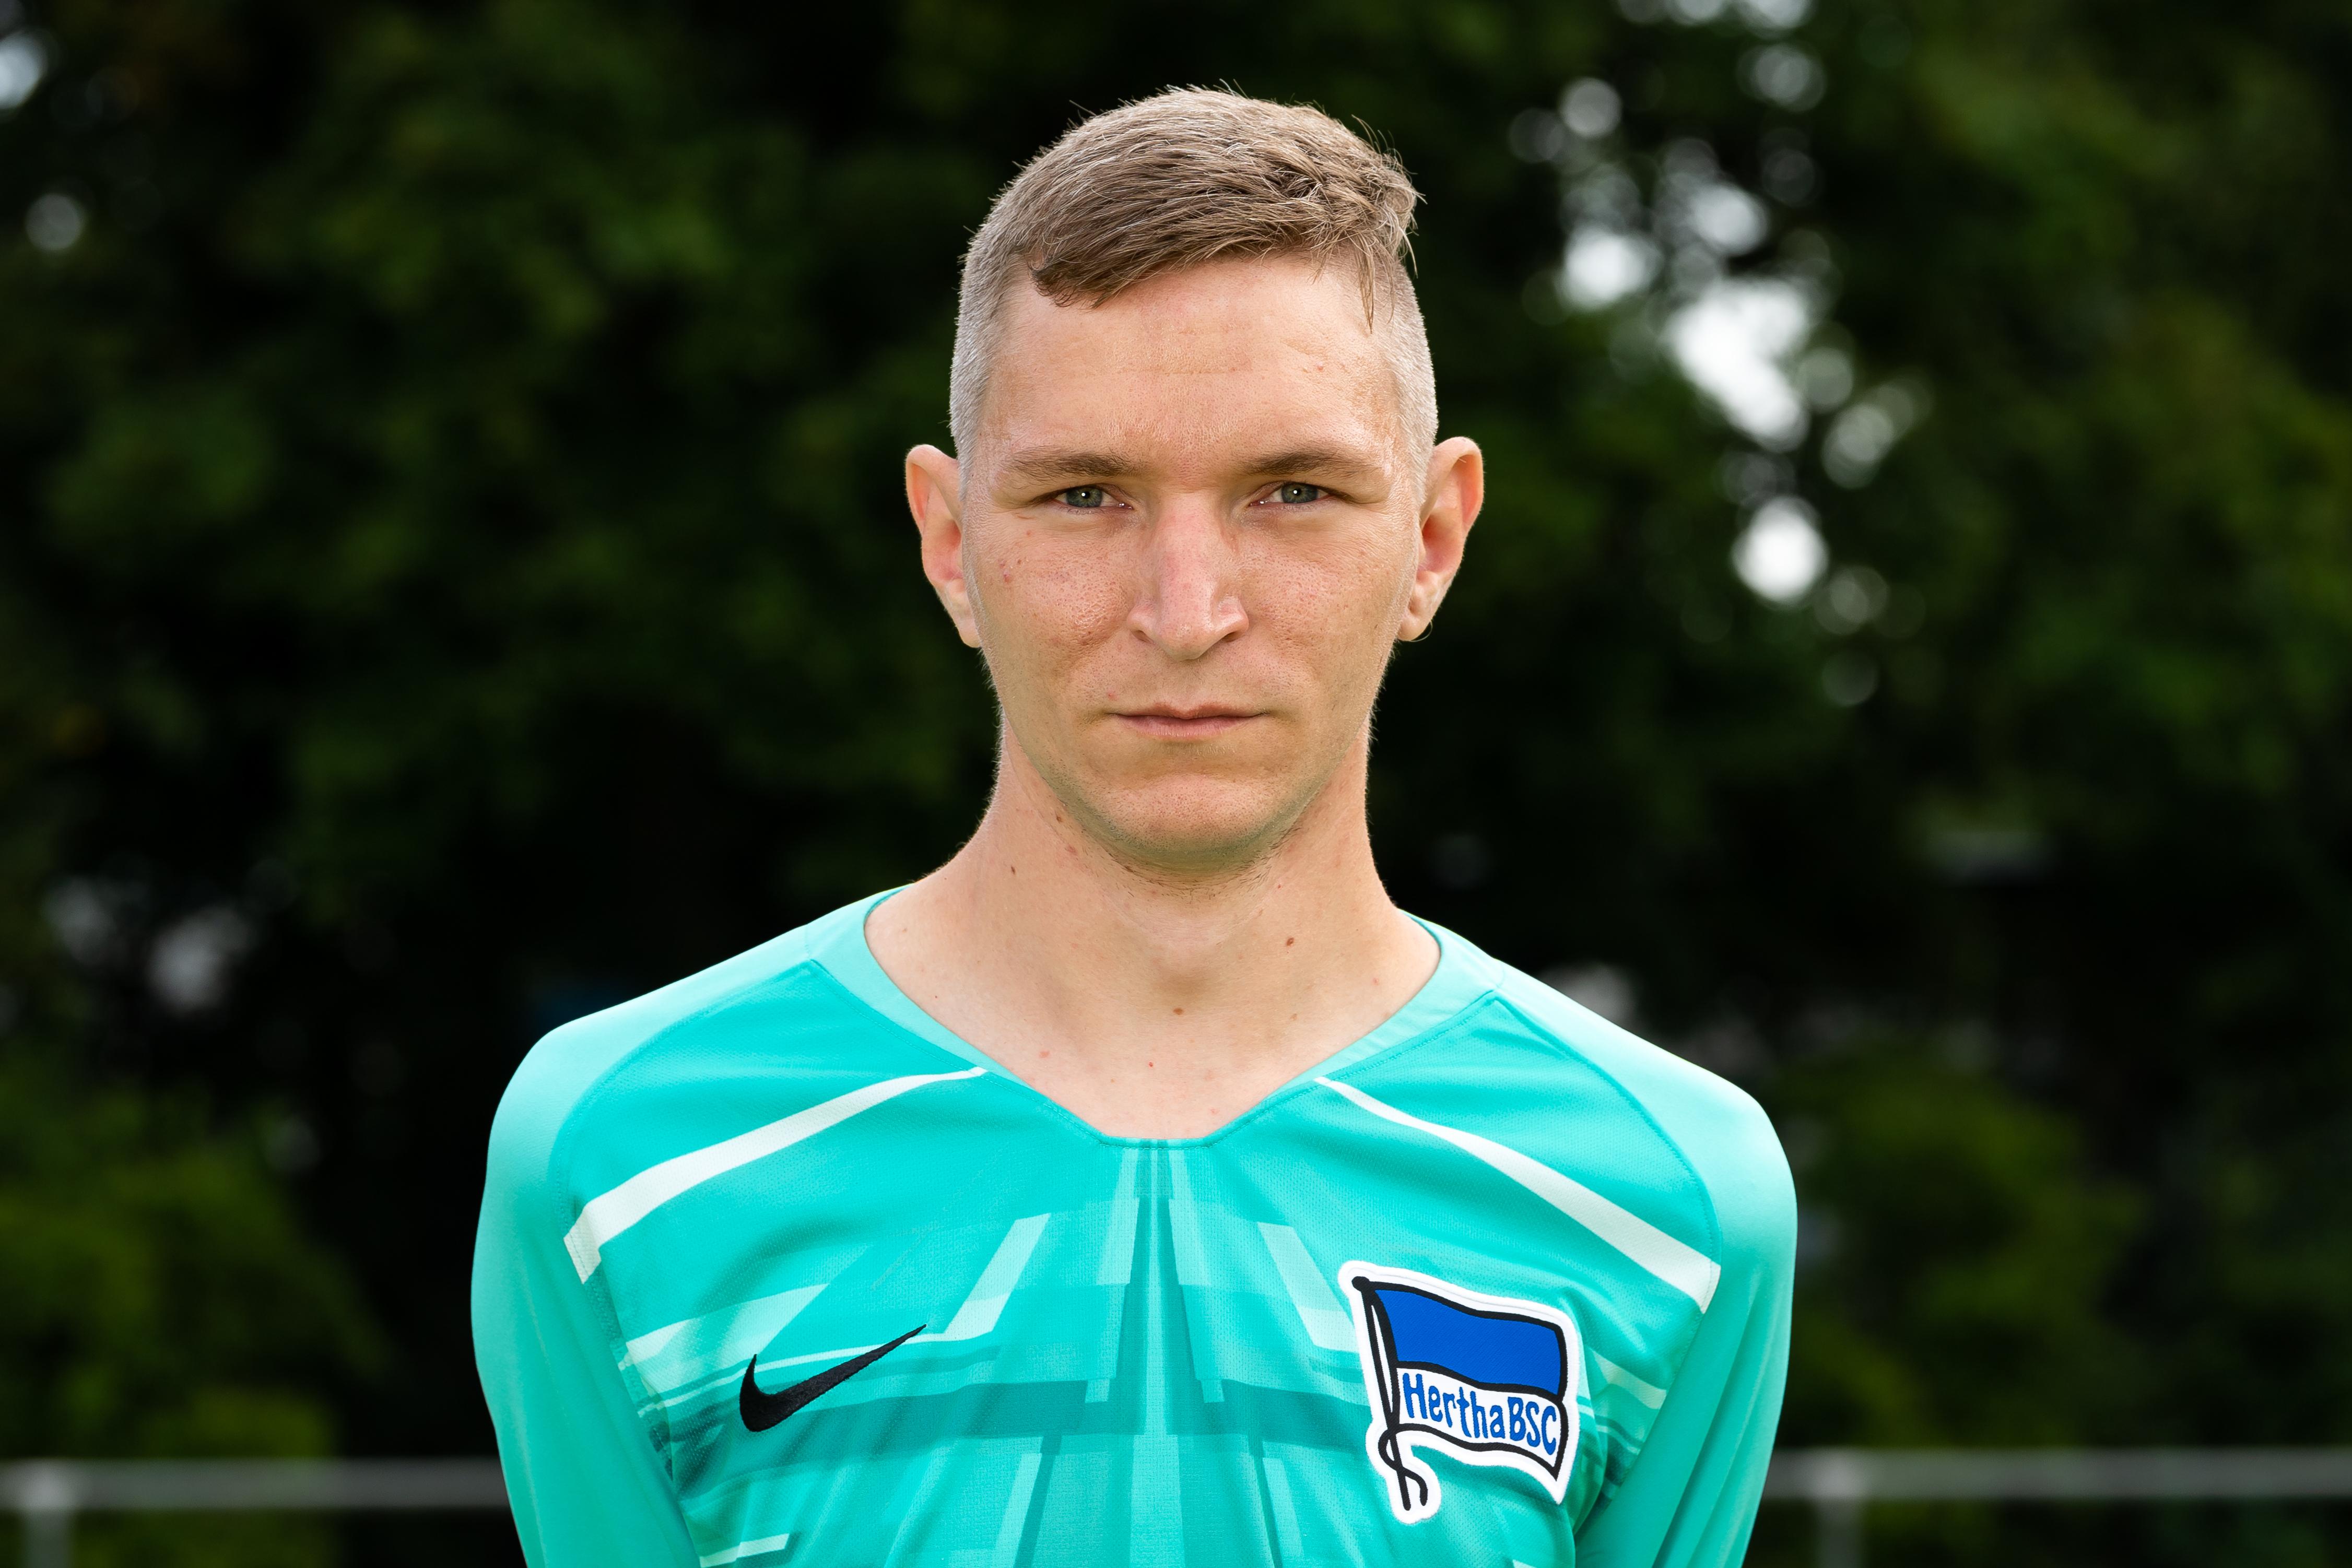 Blindenfußball-Torwart Matthias Rychelski posiert für das Foto.